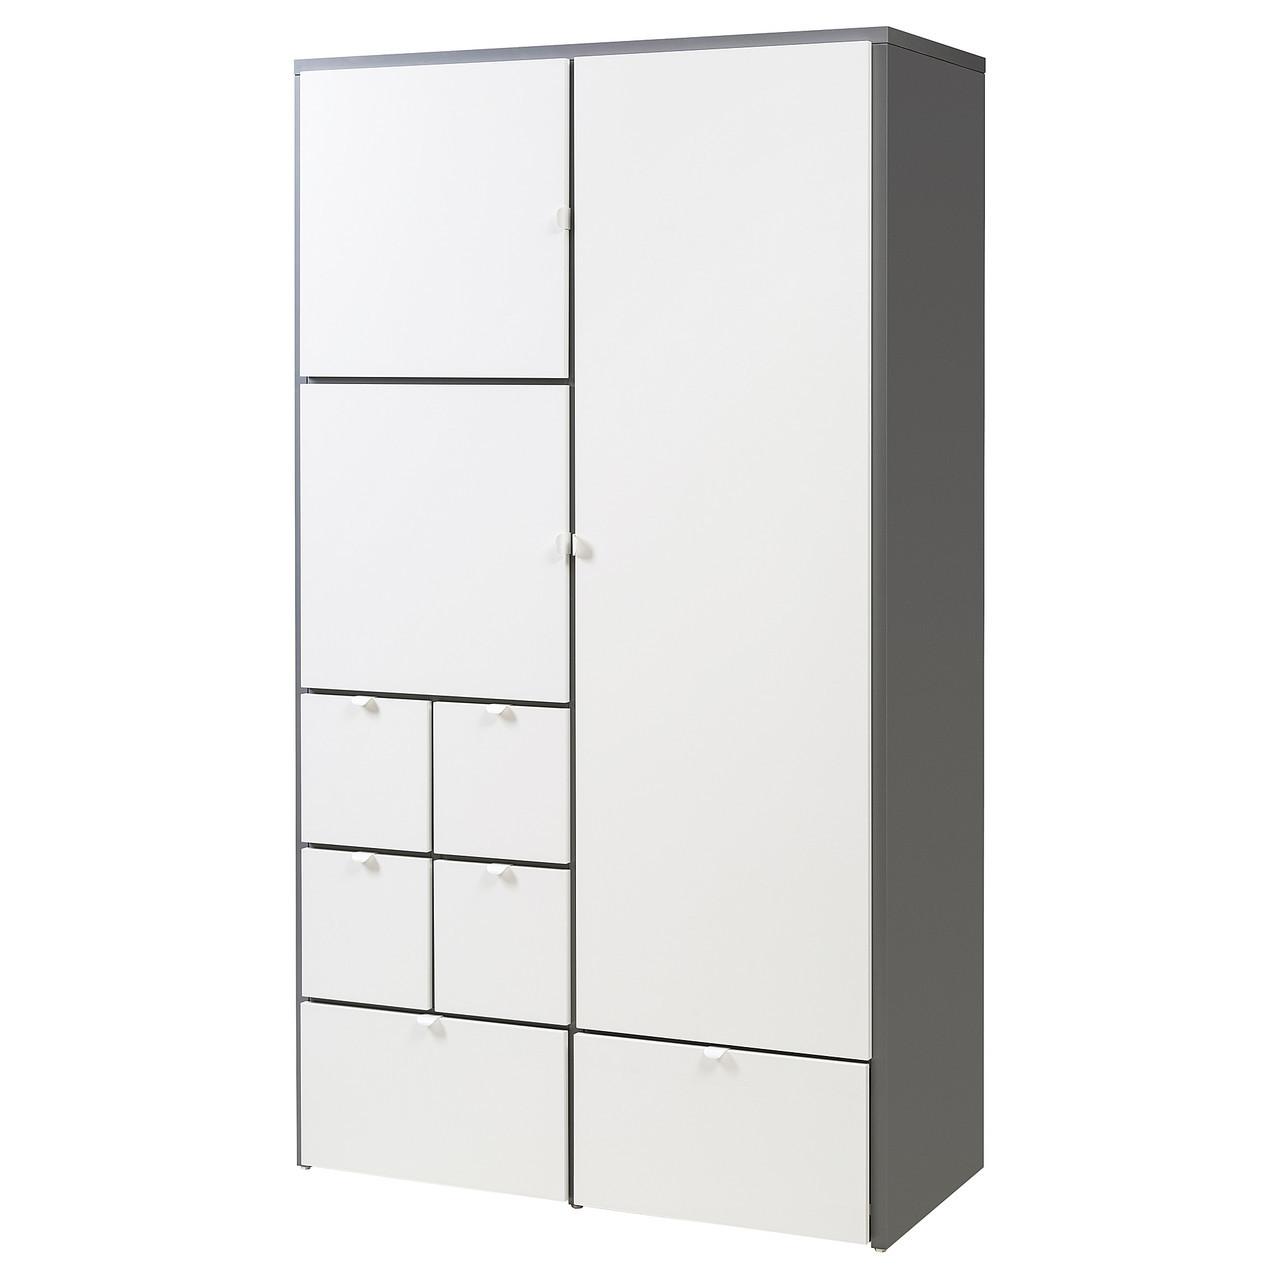 """ИКЕА """"ВИССУС"""" Шкаф Серый, Белый 122x59x216 см"""